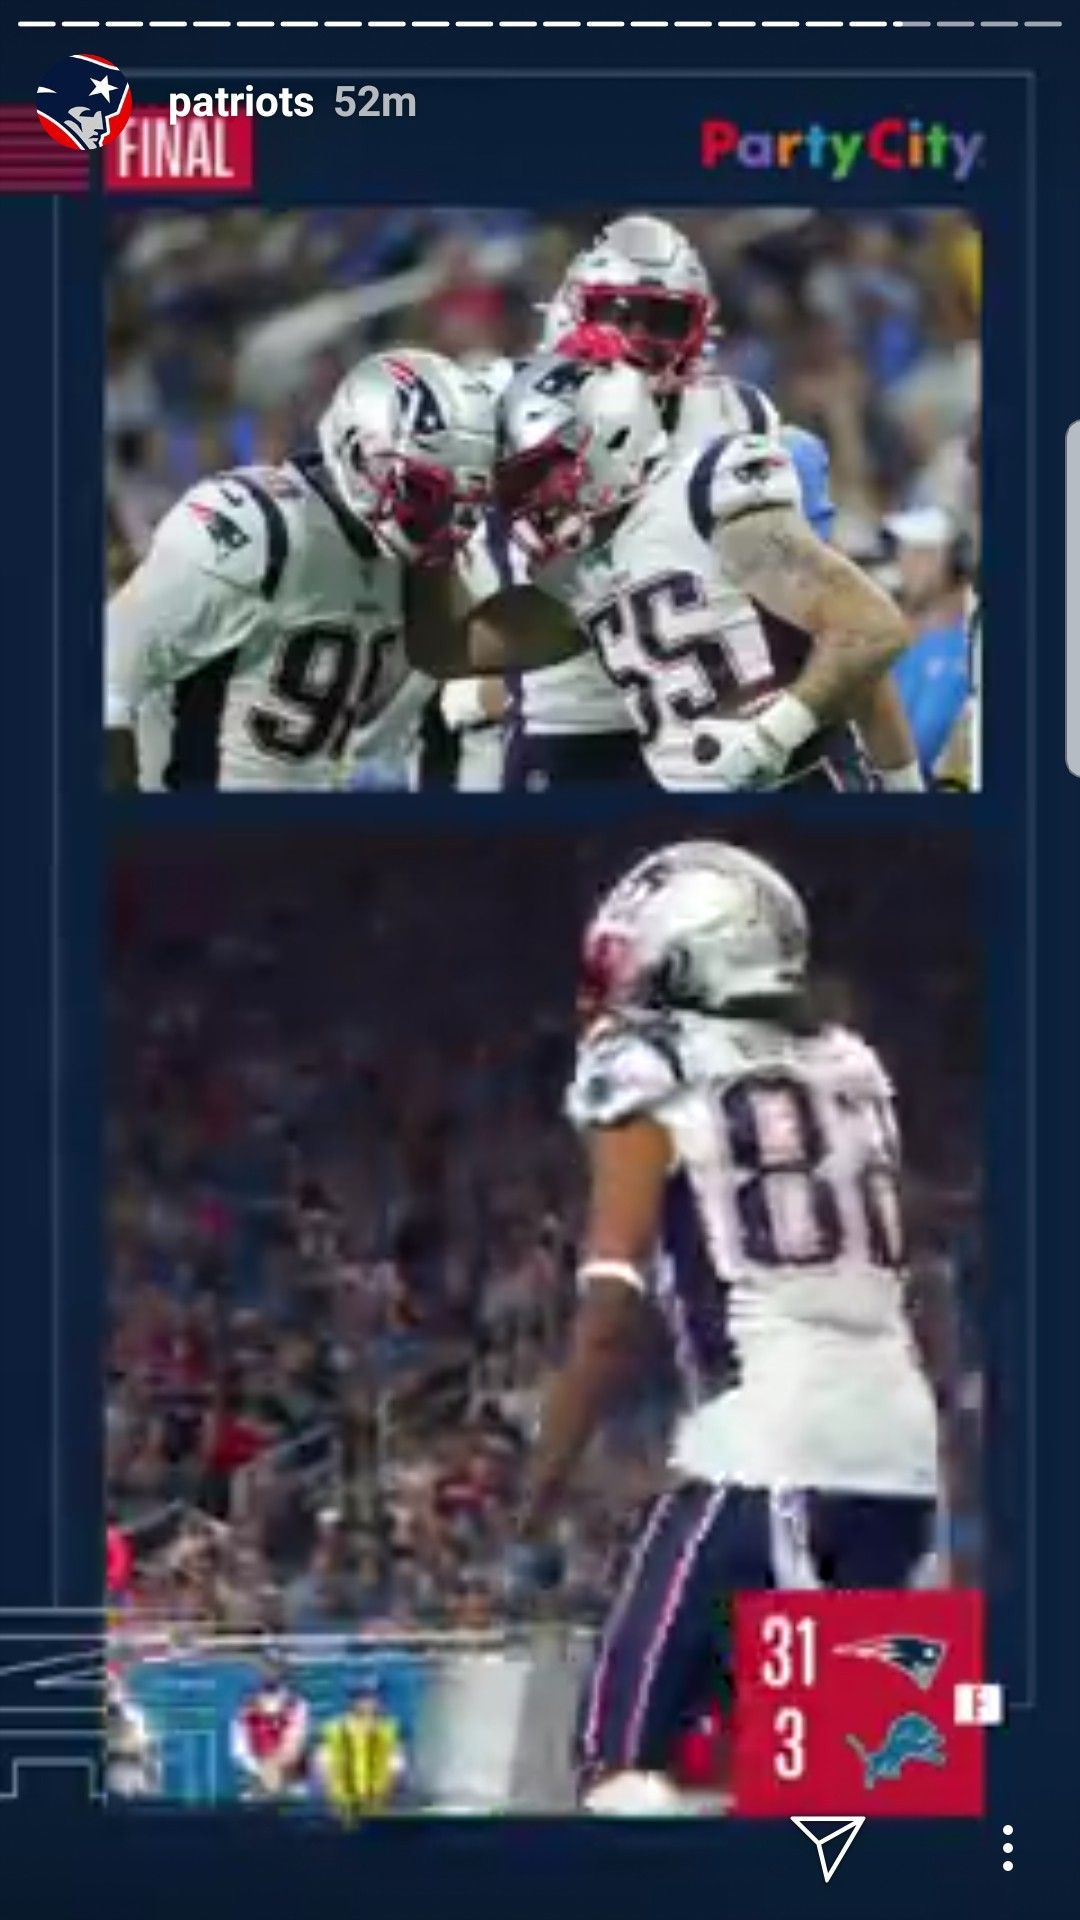 Pin By Leo Berto Albano On Patriots 1 New England Patriots Patriots Go Pats